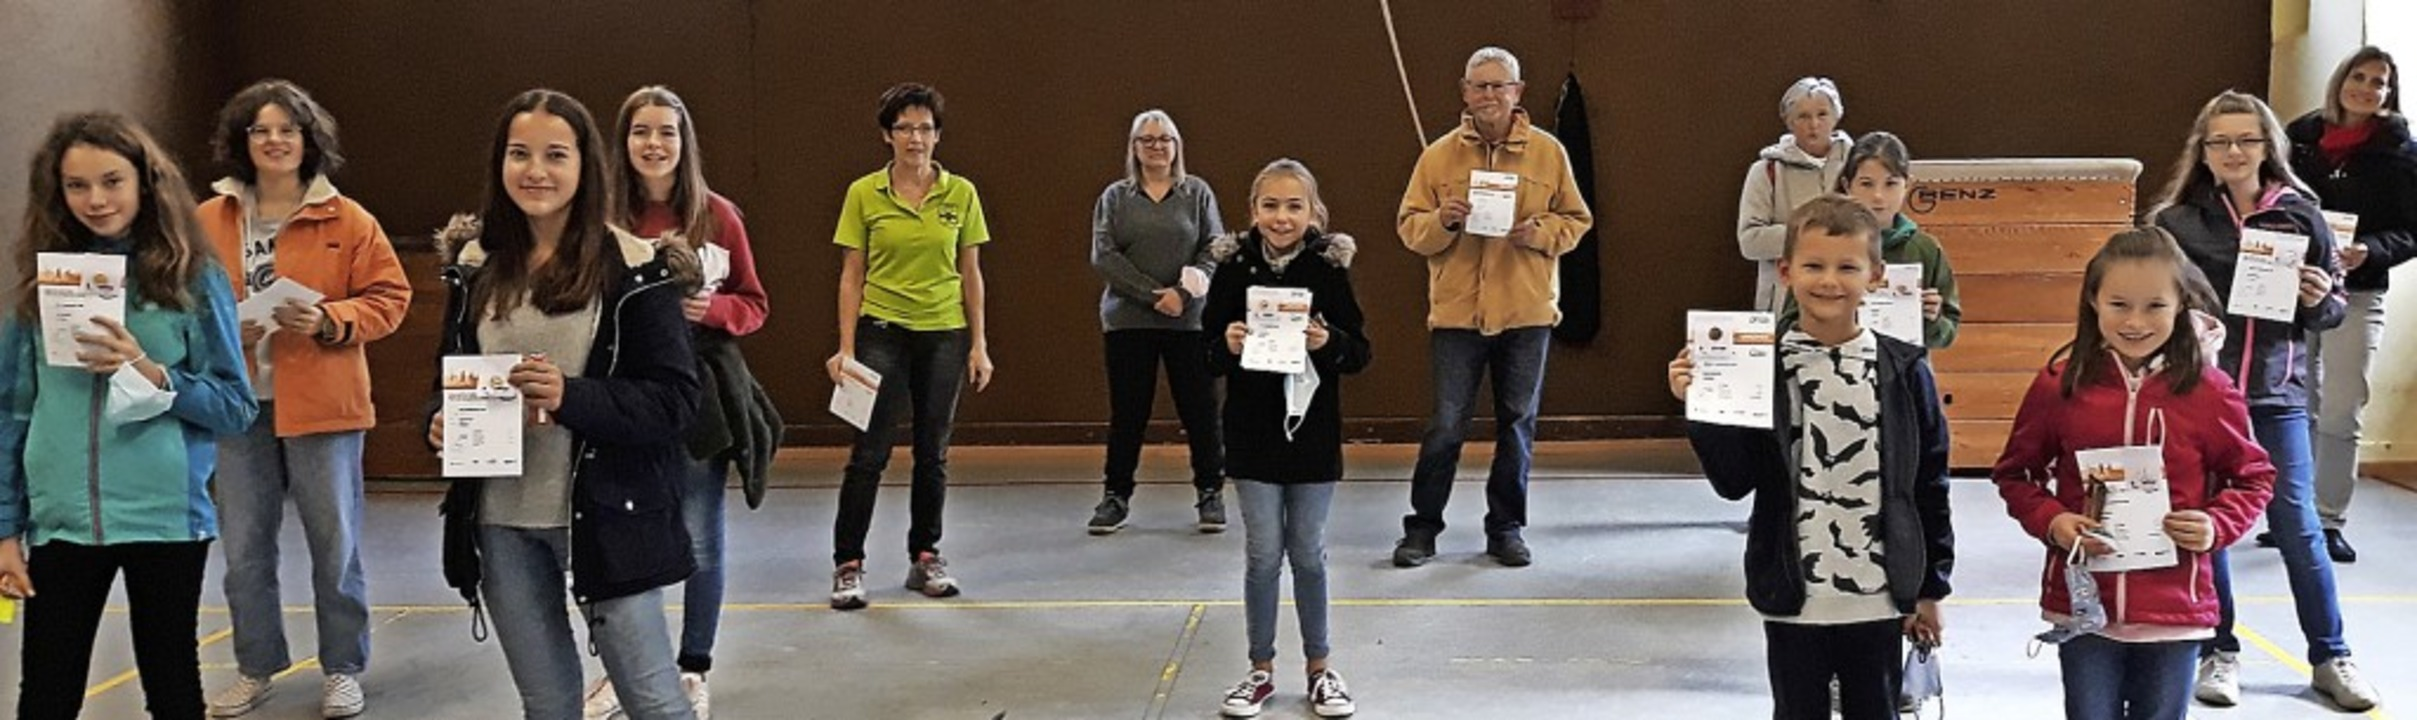 <BZ-FotoAnlauf>Turnverein Zell:</BZ-Fo...ona ihr Sportabzeichen entgegennehmen.    Foto: privat